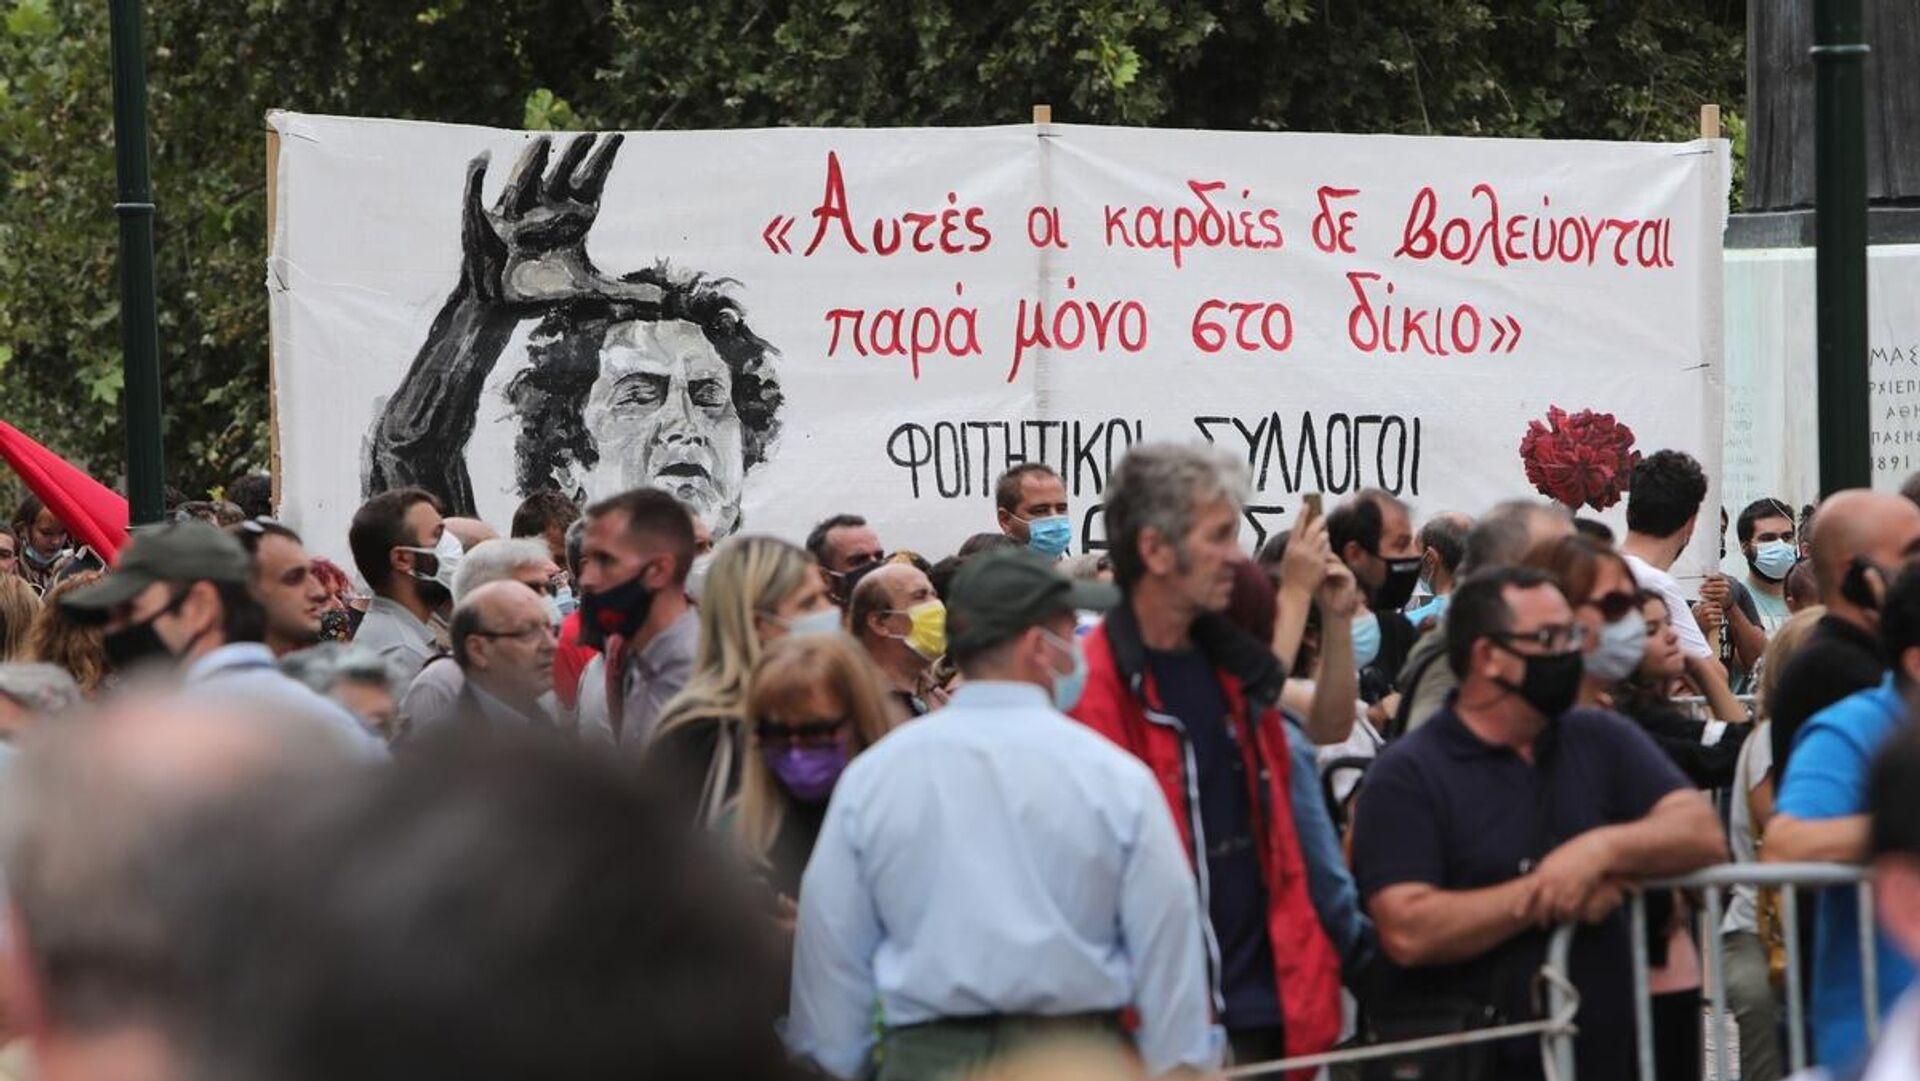 Λαϊκό προσκύνημα στη σορό του Μίκη Θεοδωράκη - Sputnik Ελλάδα, 1920, 08.09.2021